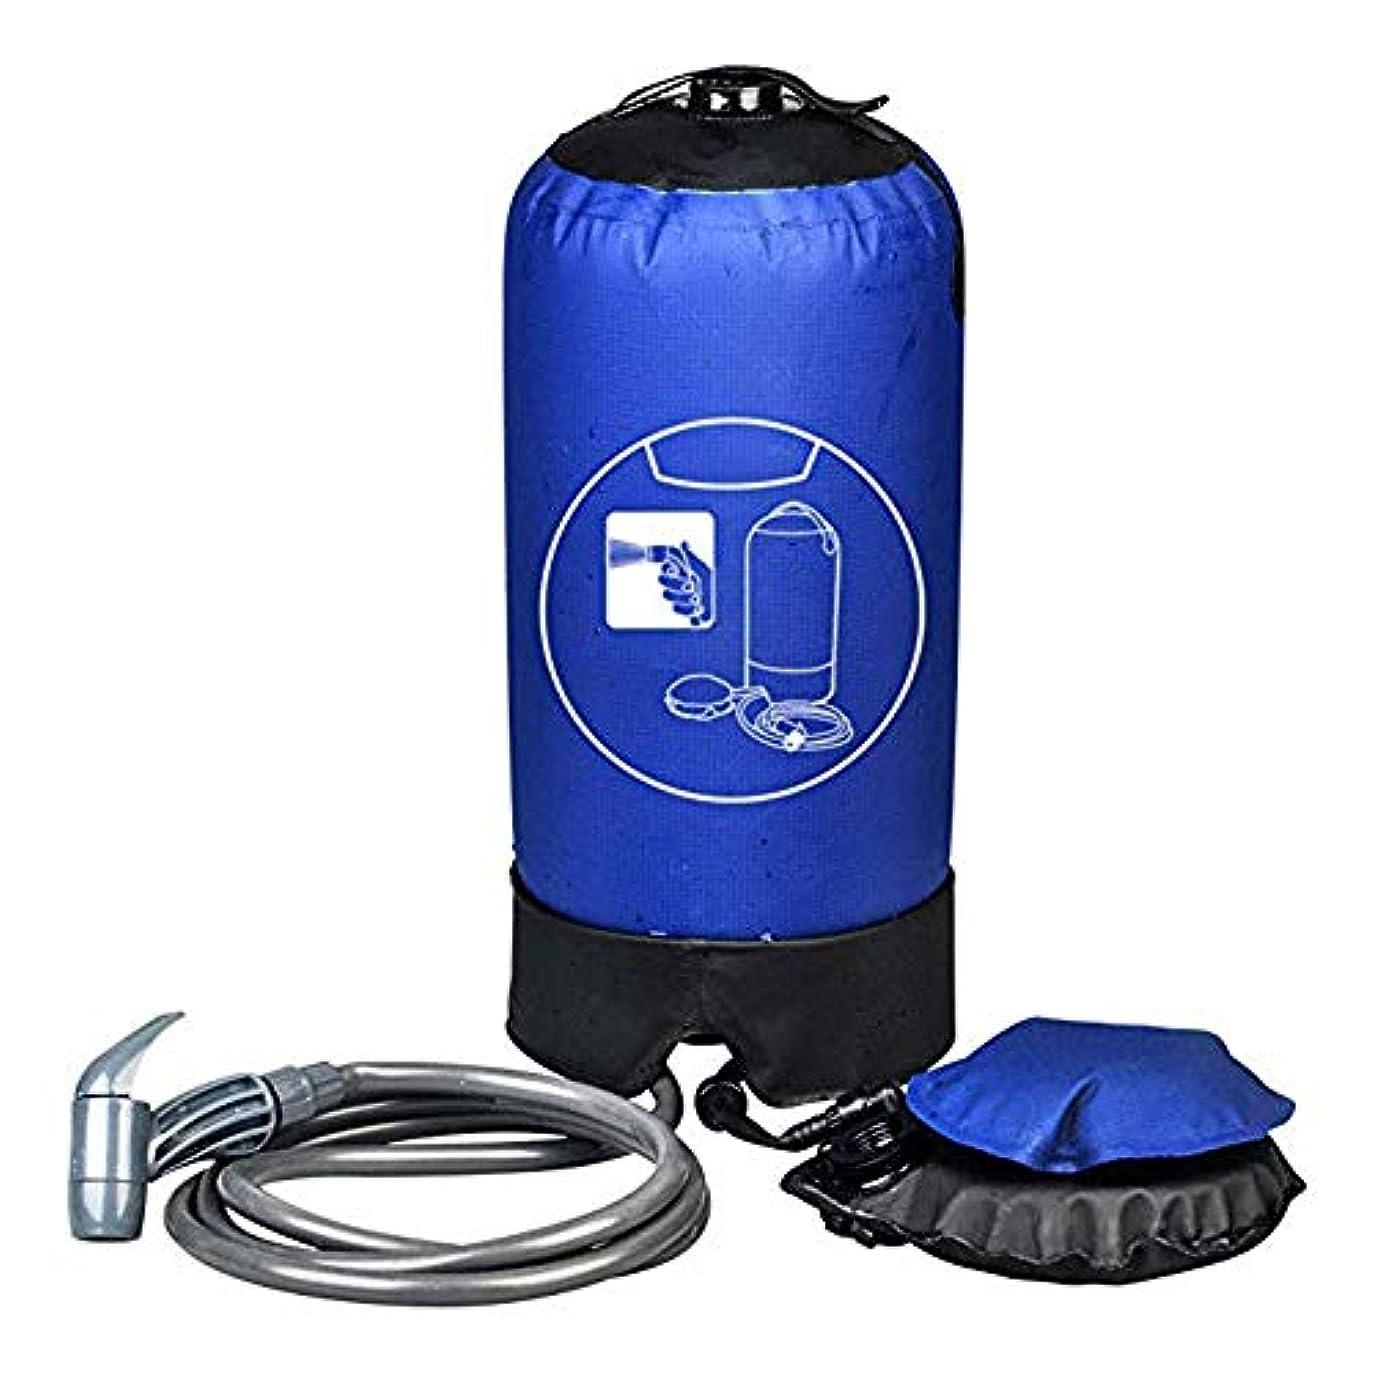 ライラック有力者みフットポンプキャンプシャワー、15L シャワーバッグポータブル OutdoorCamping ハイキングパックフットポンプとプレスタイプシャワーノズル付きバックパック旅行